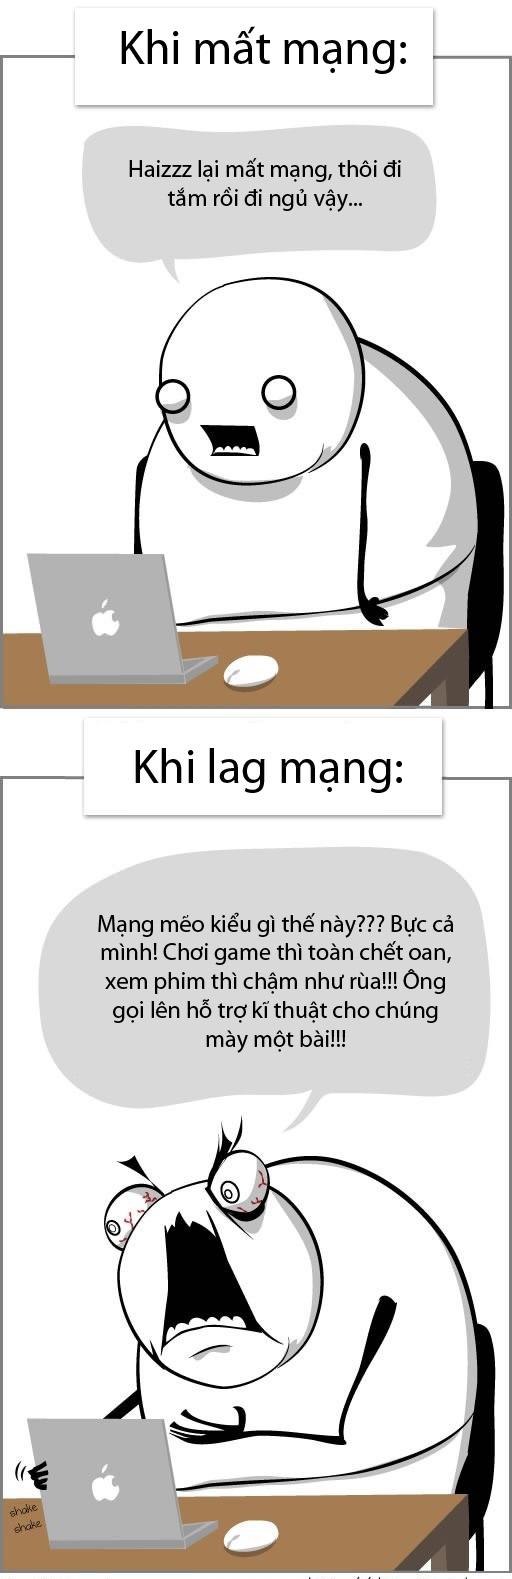 tranh vui về mạng internet